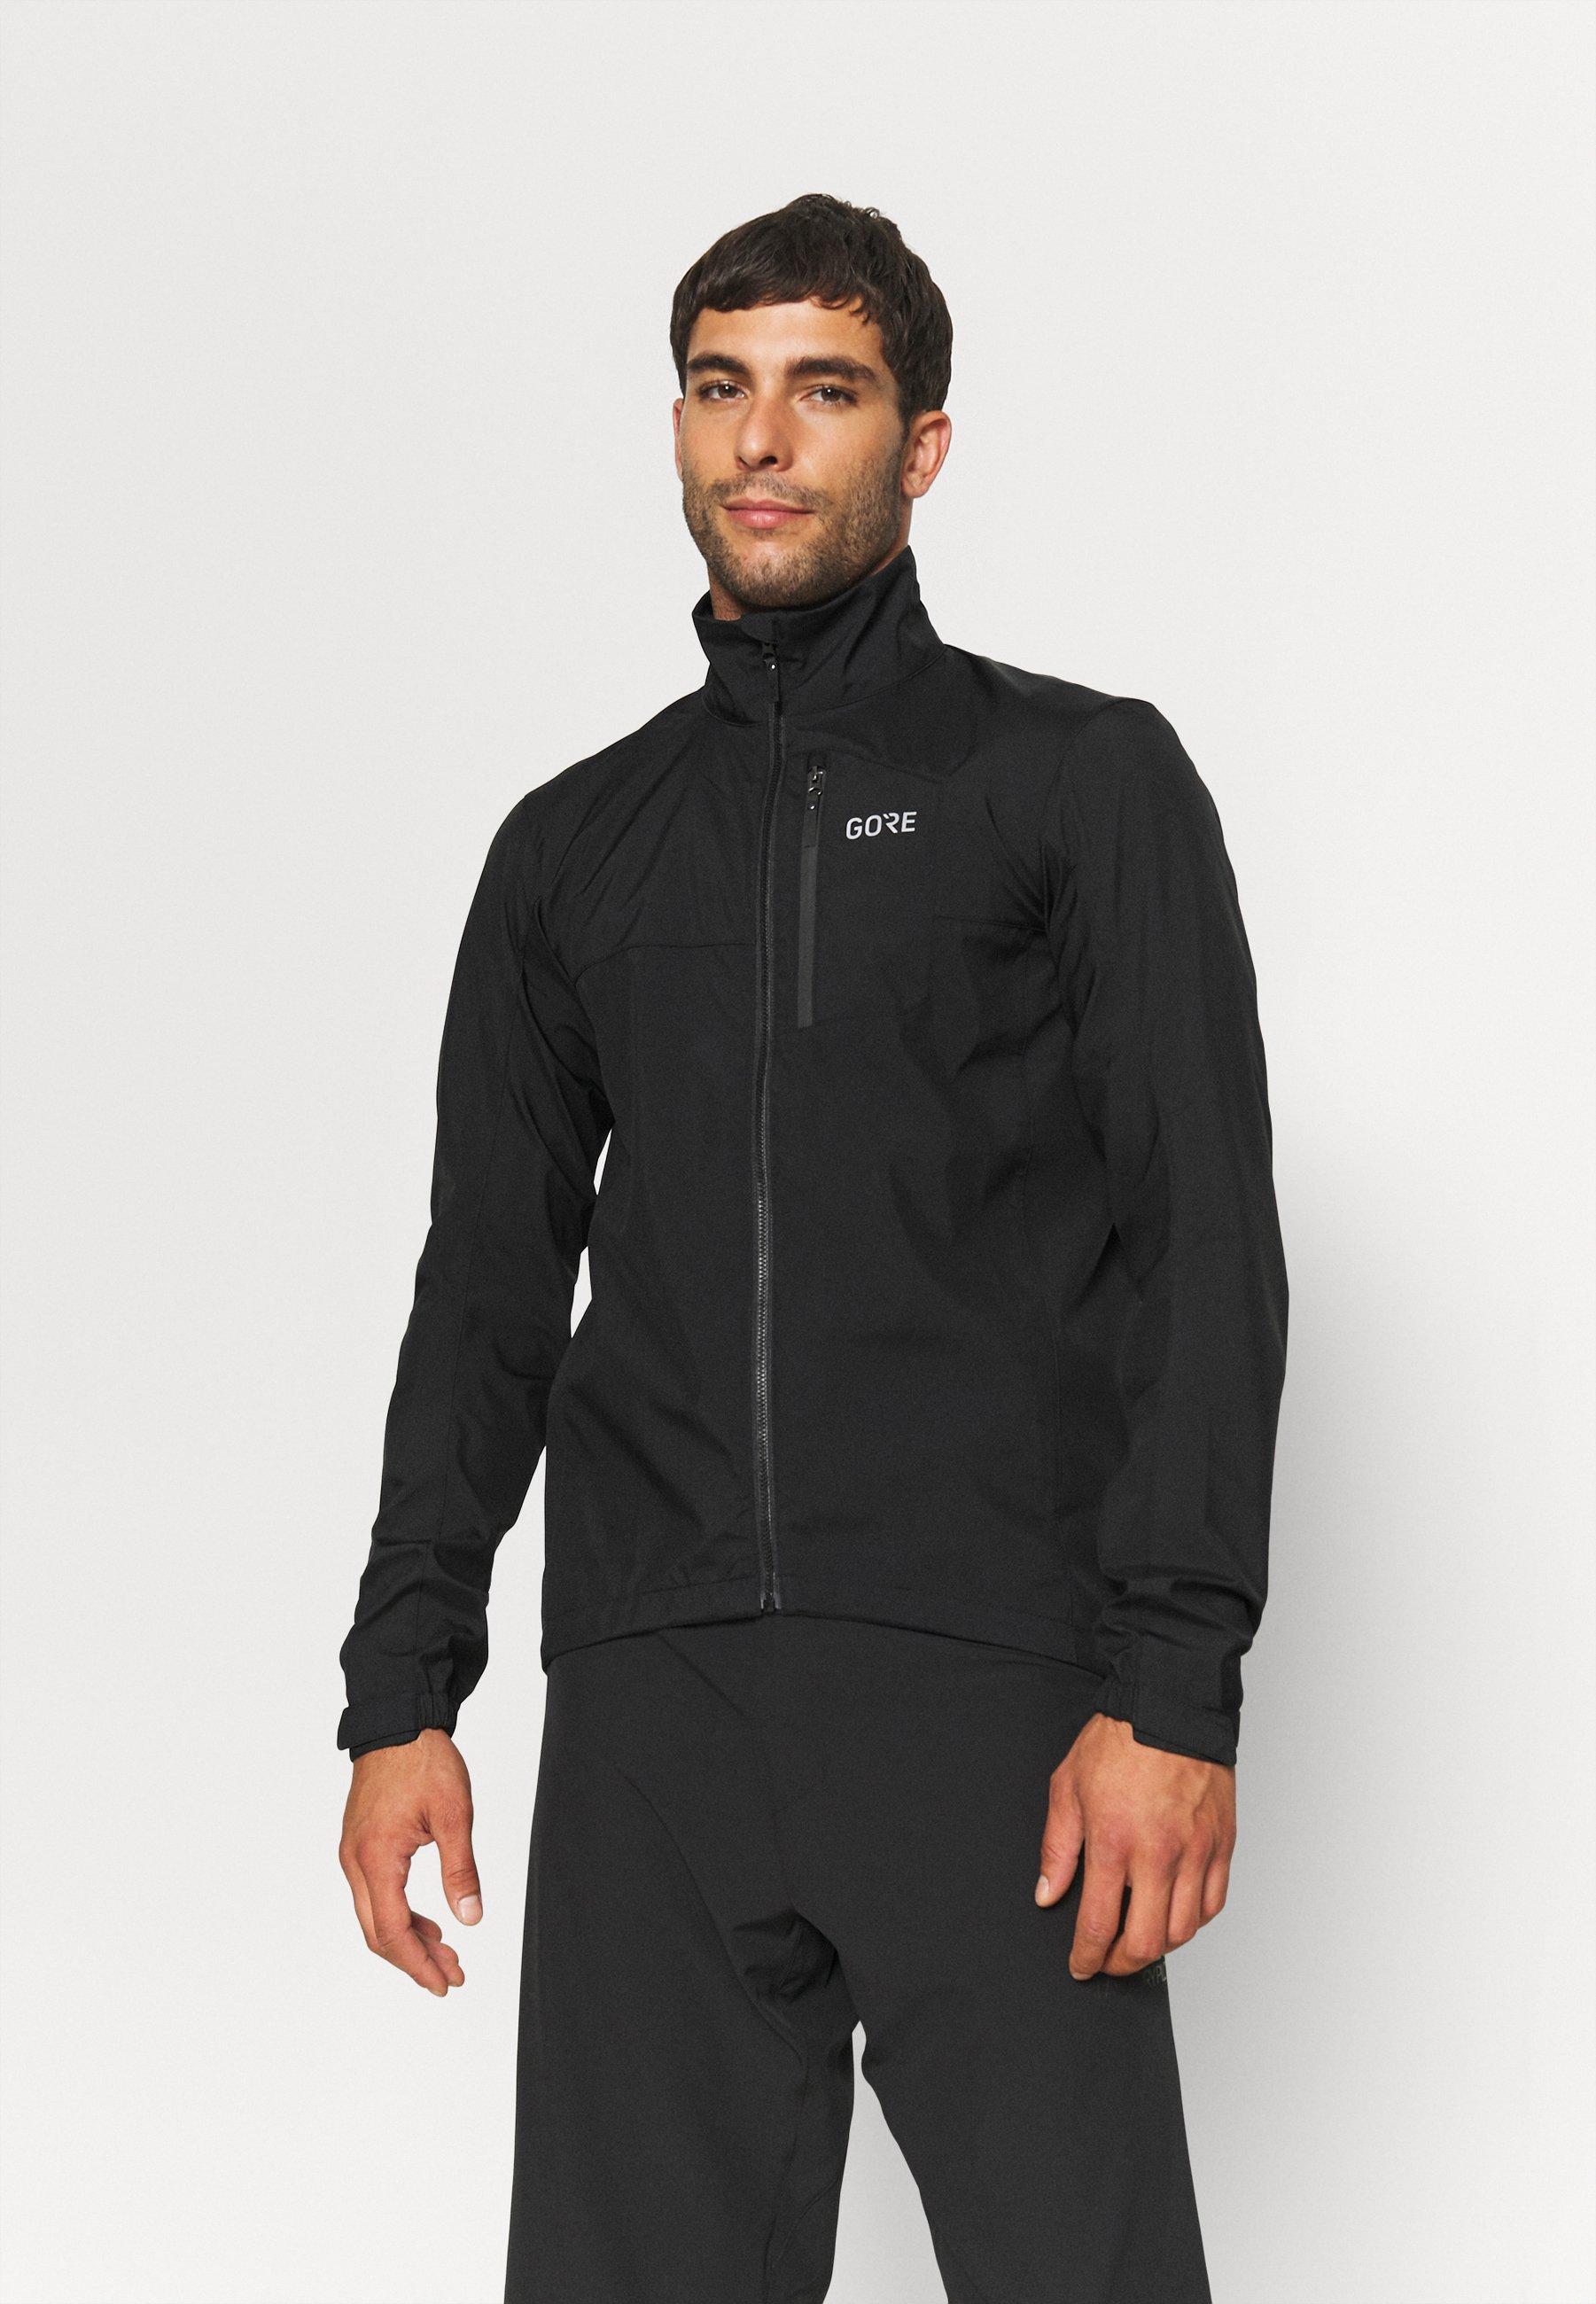 Men GORE® WEAR SPIRIT JACKET MENS - Training jacket